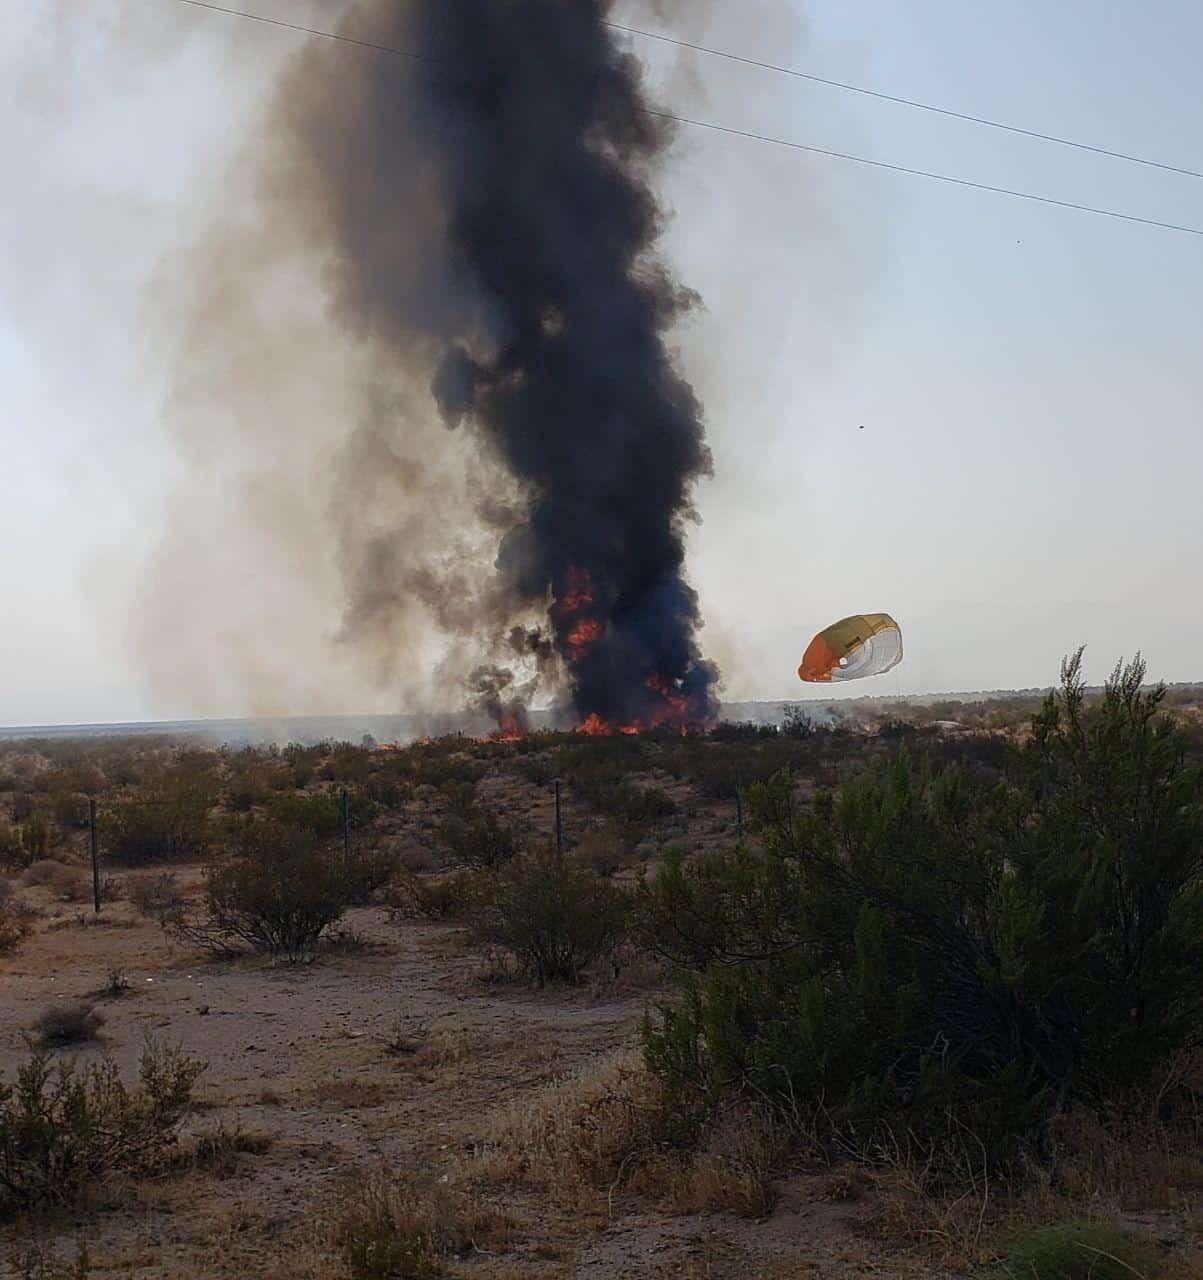 Місце падіння FA-18 та момент приземлення льотчика після катапультування